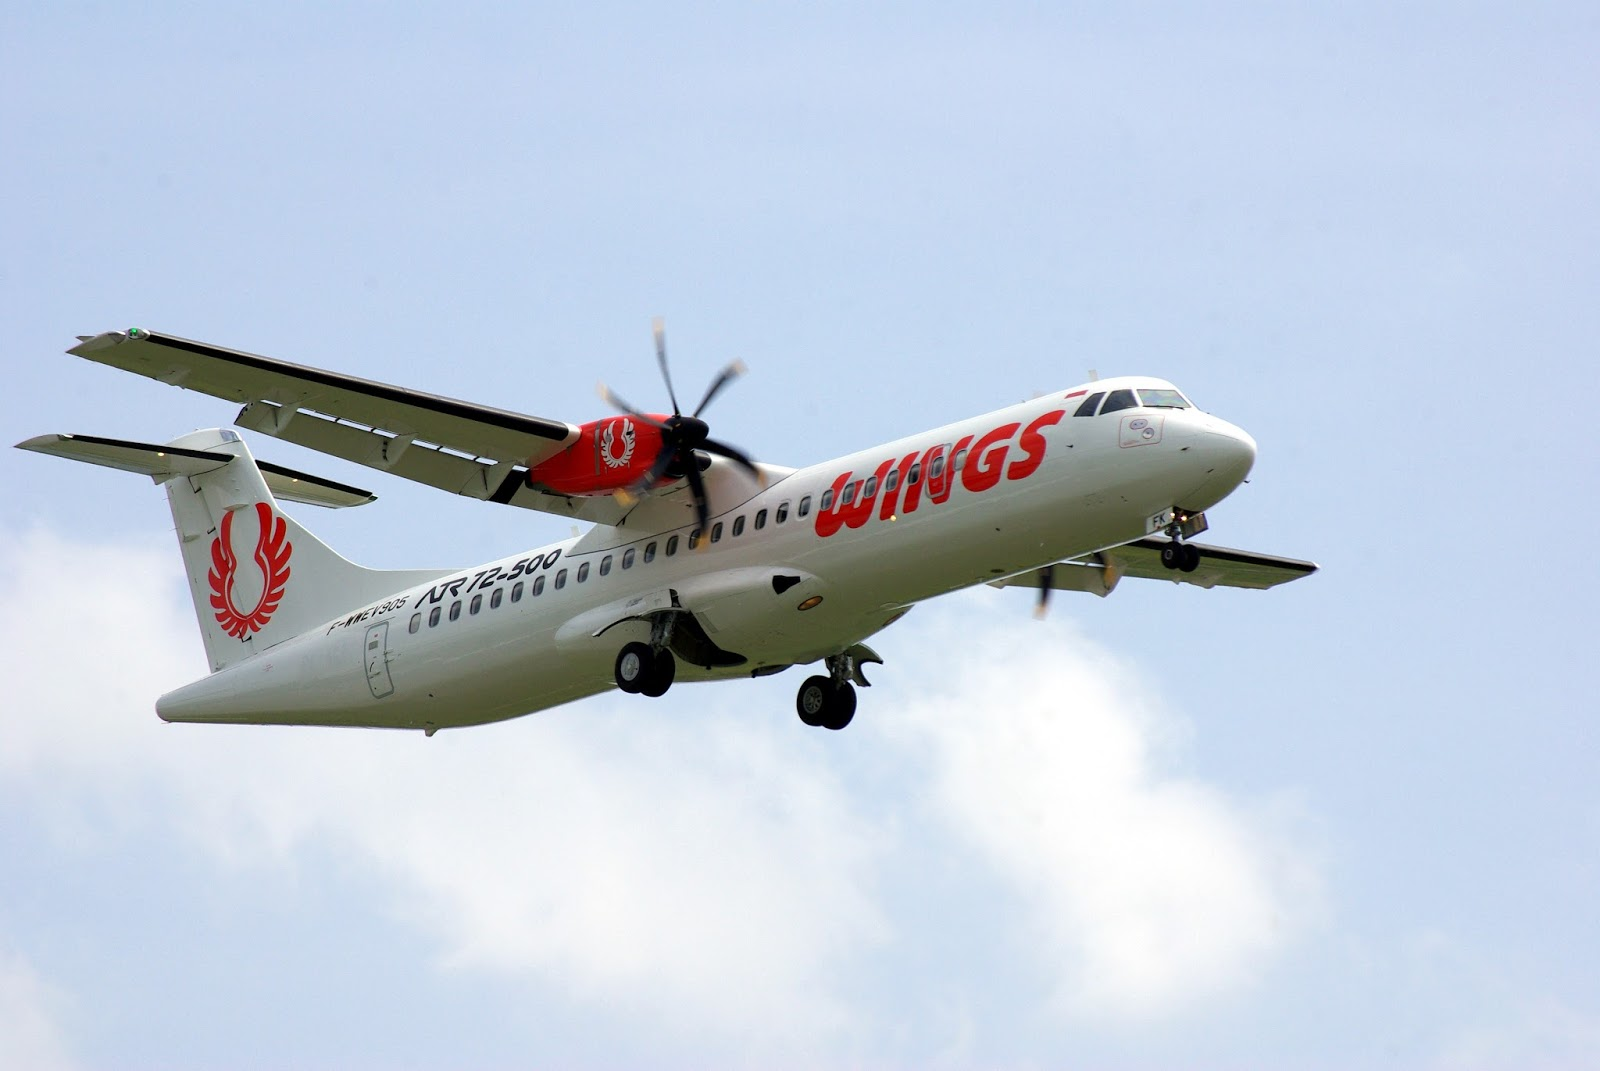 Pengalaman Terbang Bersama Wings Air Dani Setiawan